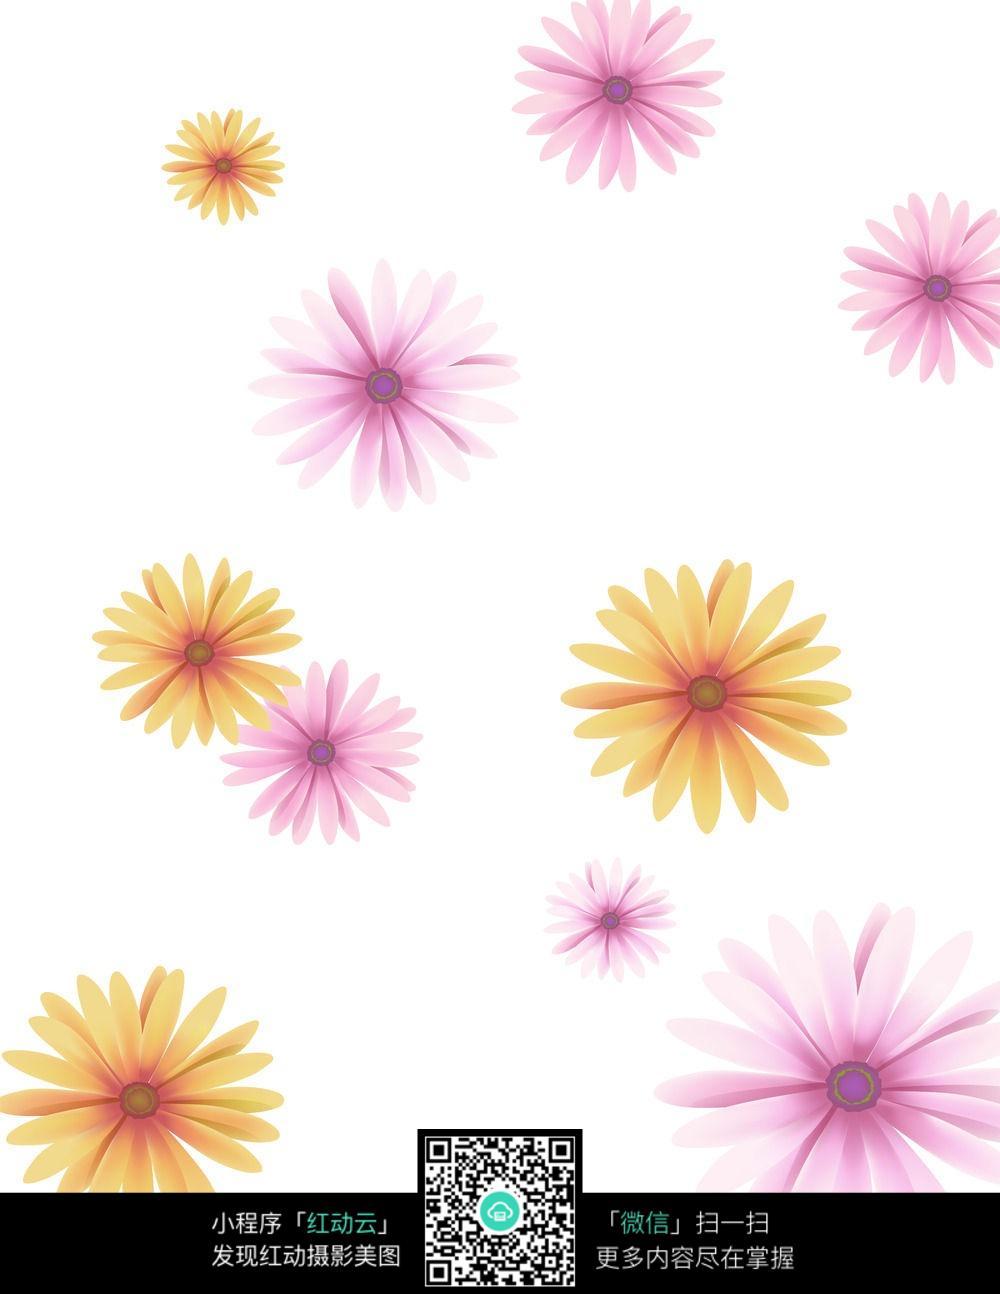 花卡通画向日葵